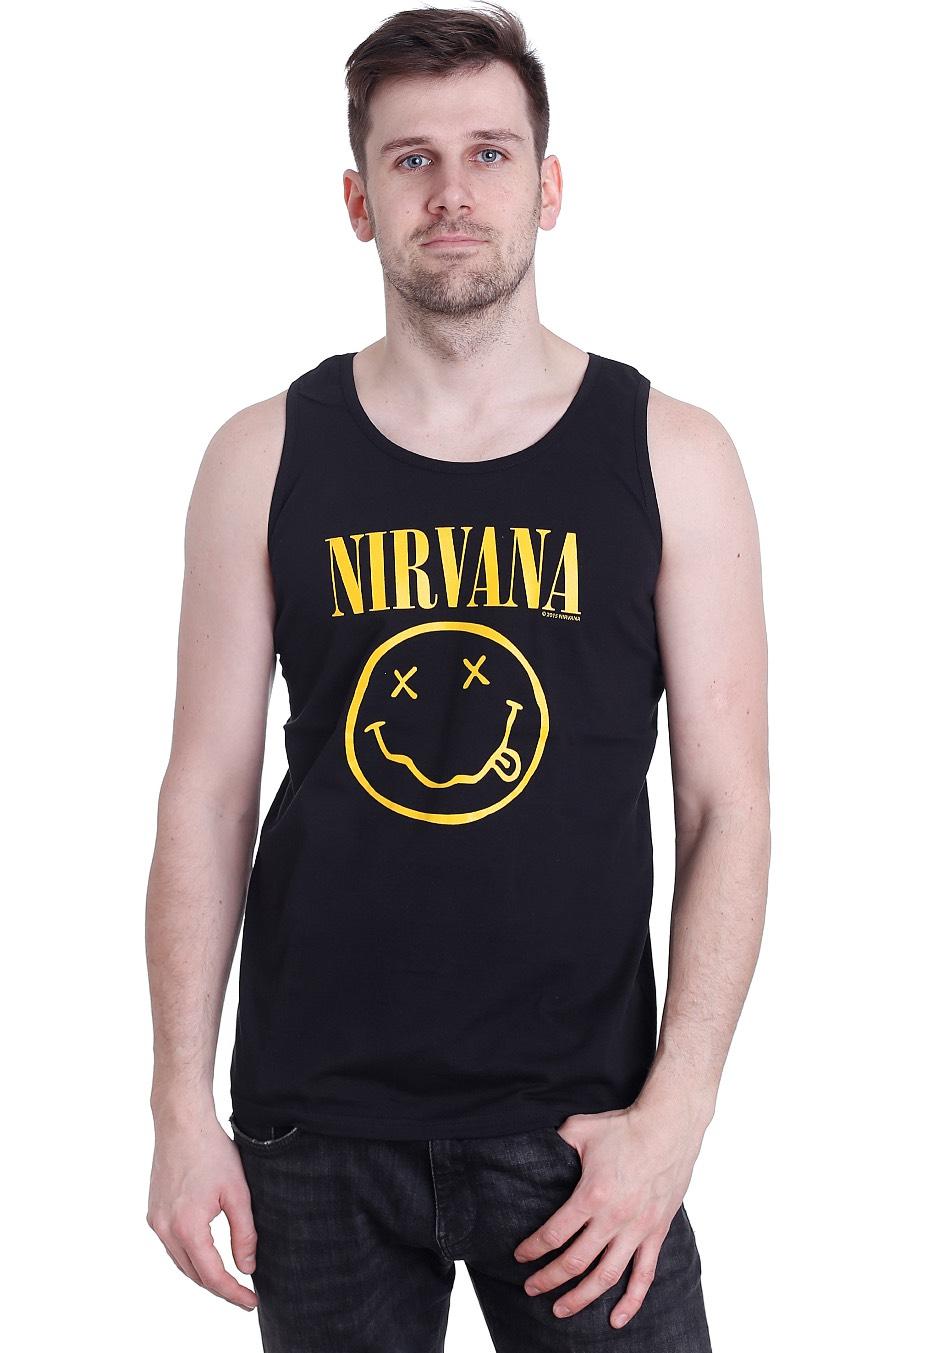 d8ea3065f Nirvana - Smiley - Tank - Official Punk Rock Merchandise Shop -  Impericon.com AU